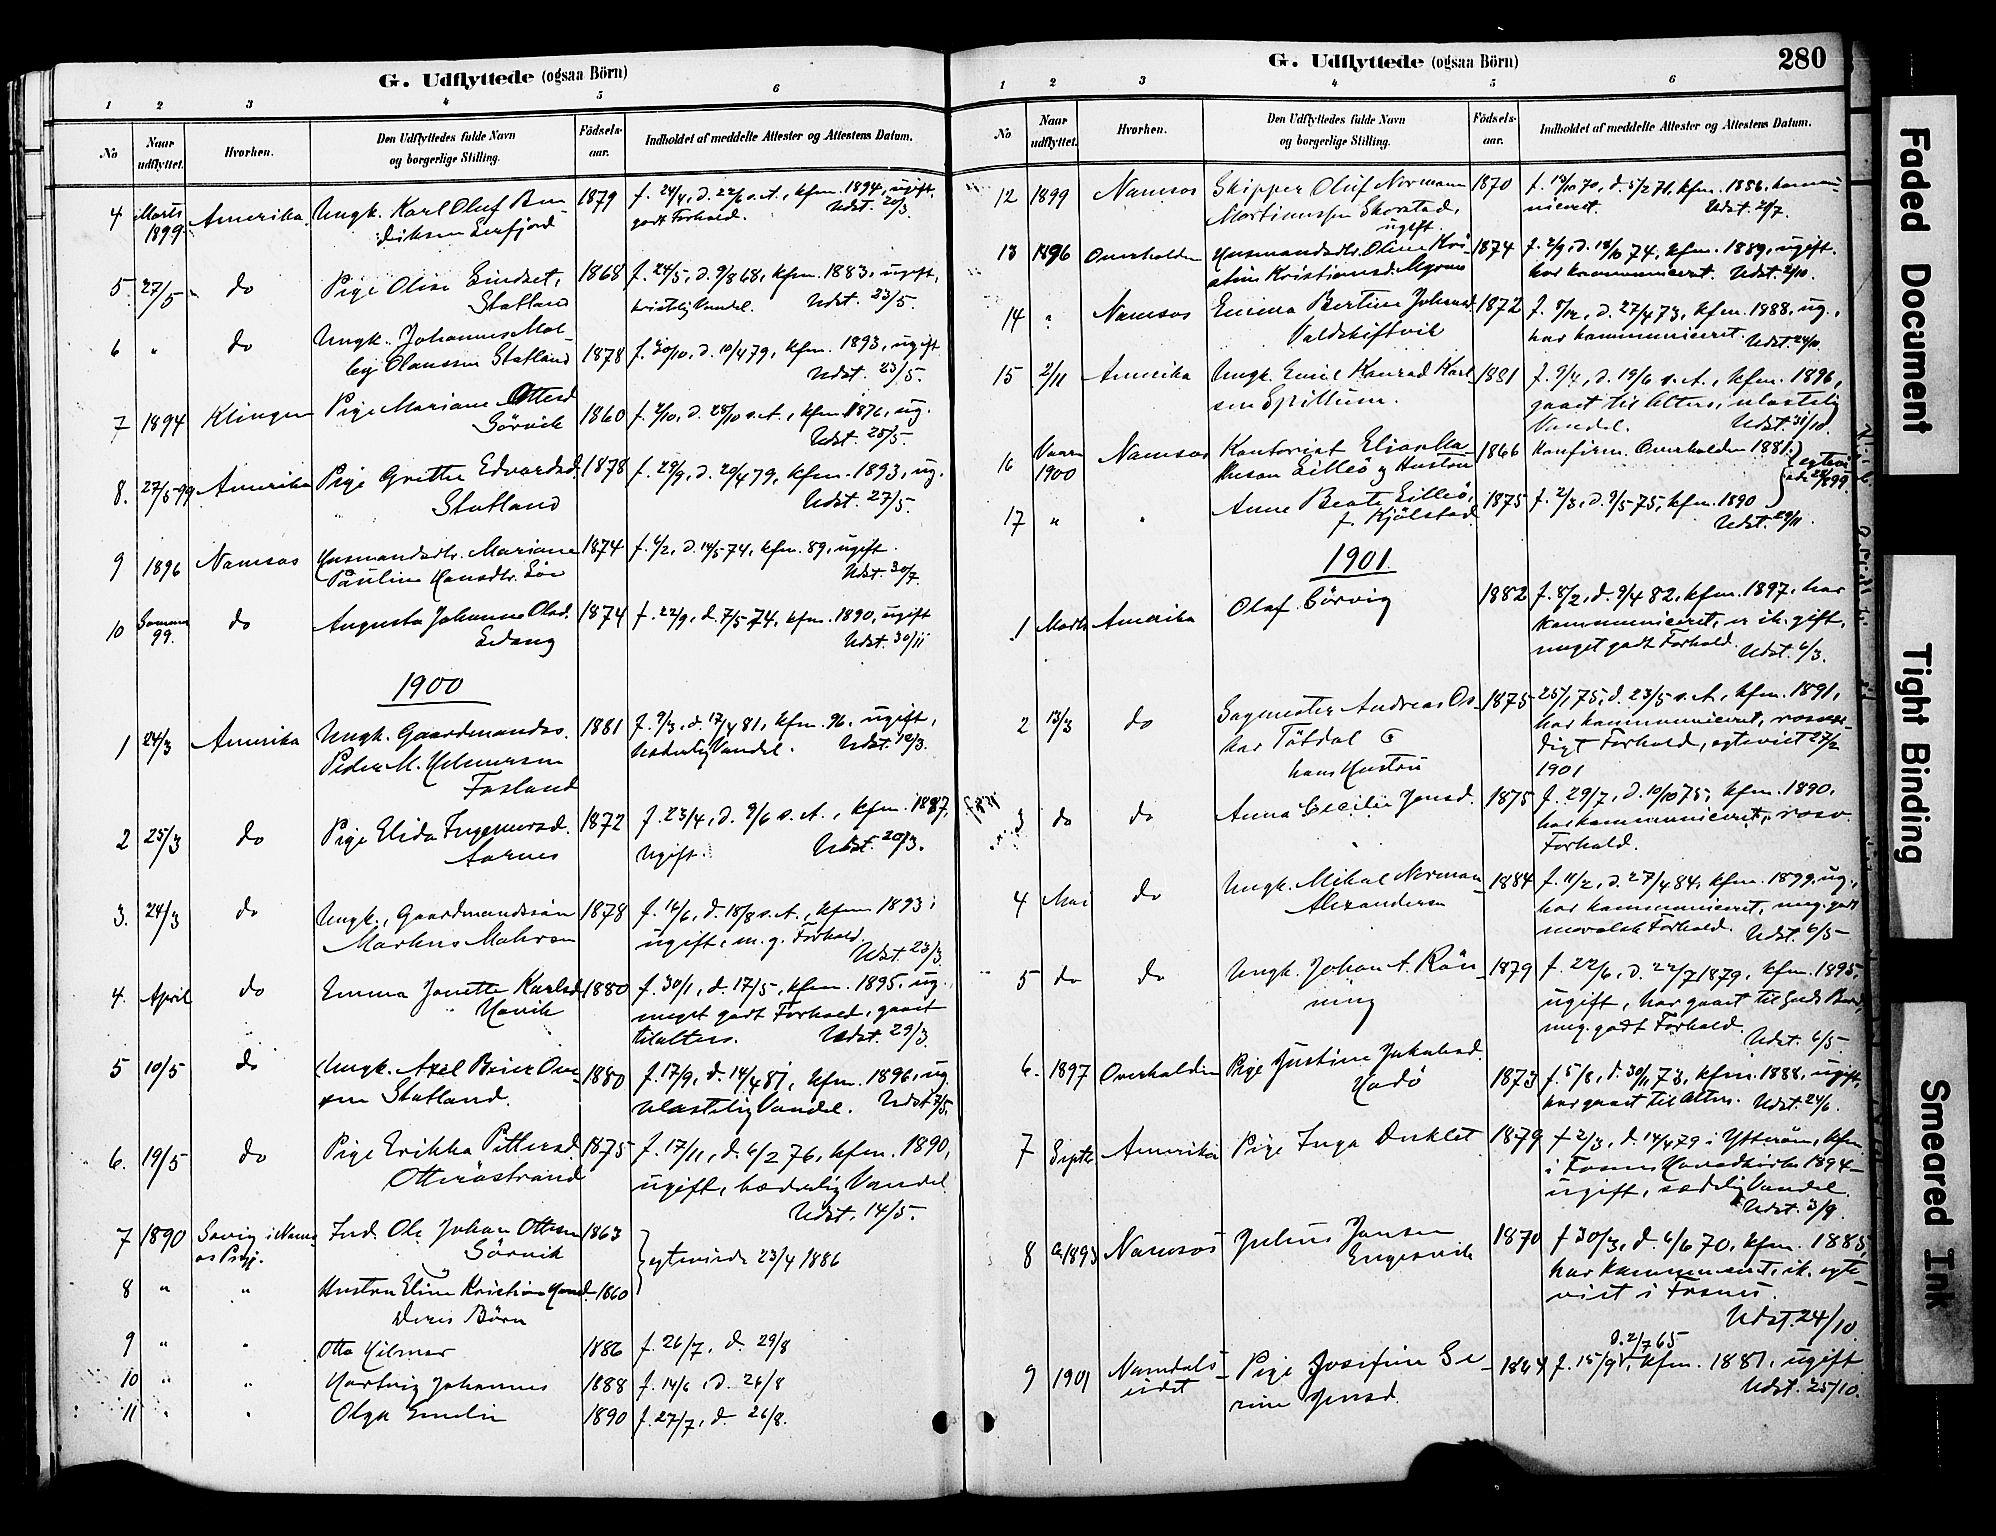 SAT, Ministerialprotokoller, klokkerbøker og fødselsregistre - Nord-Trøndelag, 774/L0628: Ministerialbok nr. 774A02, 1887-1903, s. 280